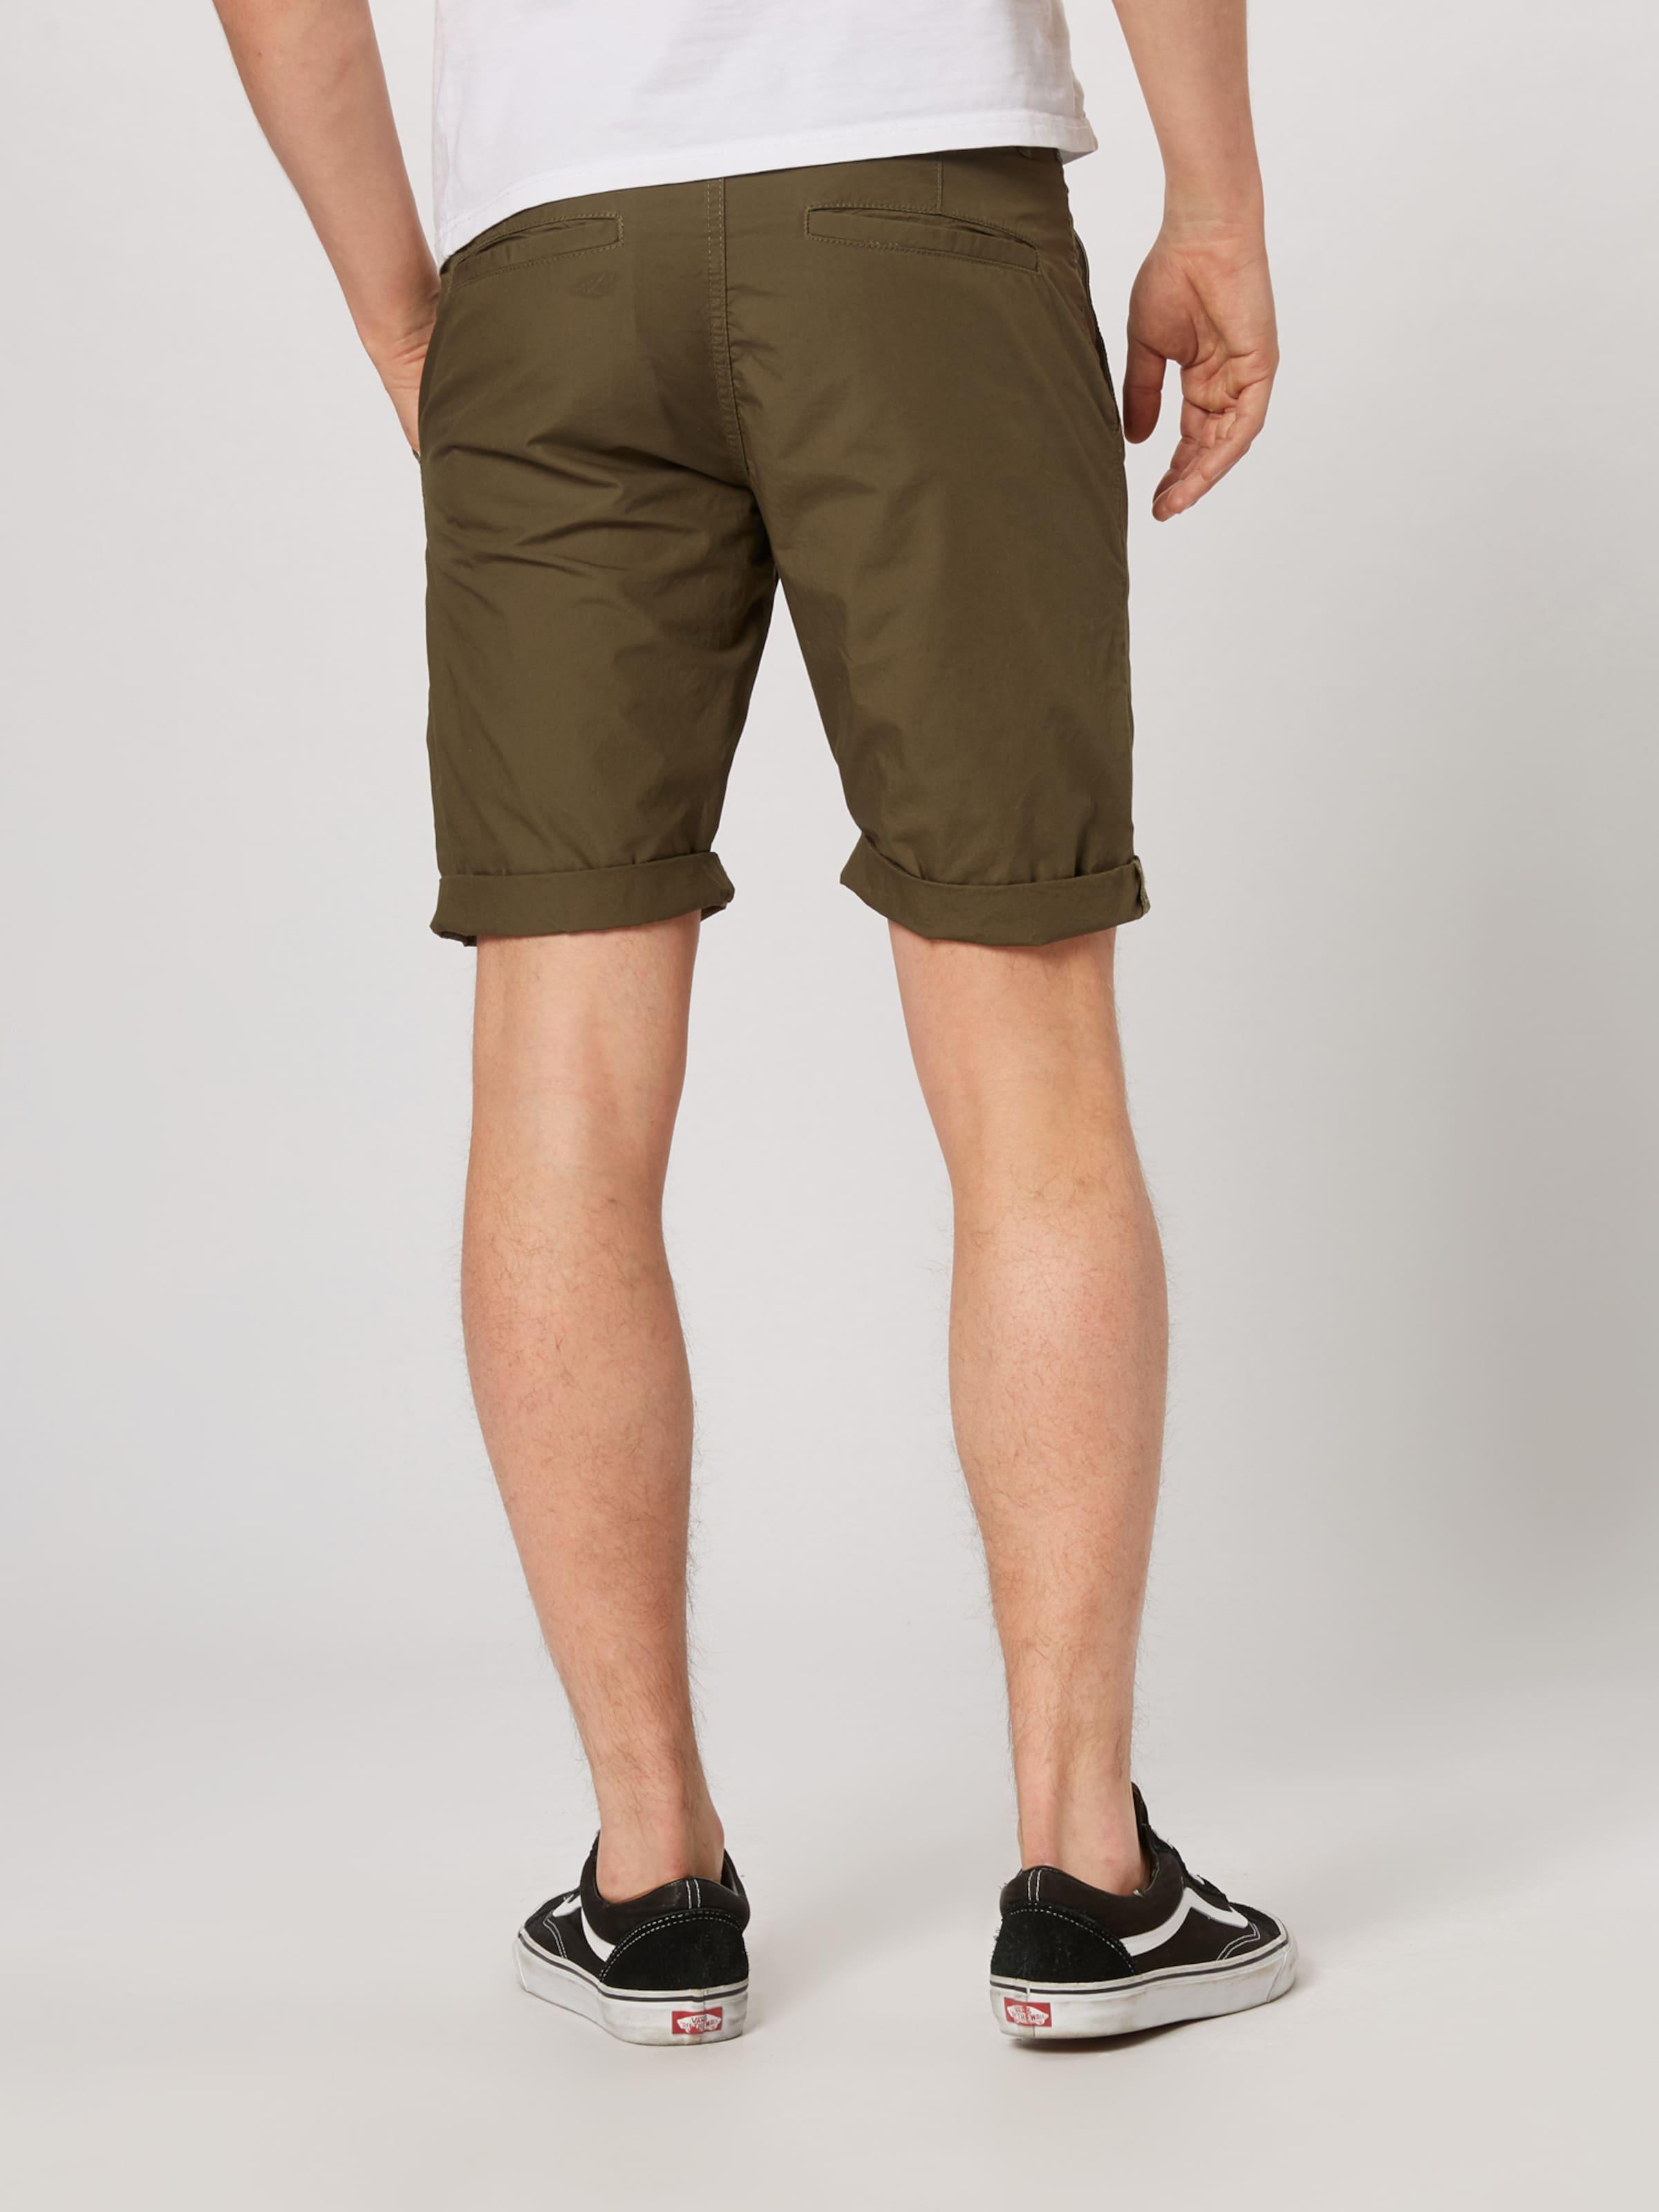 Q En s Pantalon Designed Kaki By odBCex